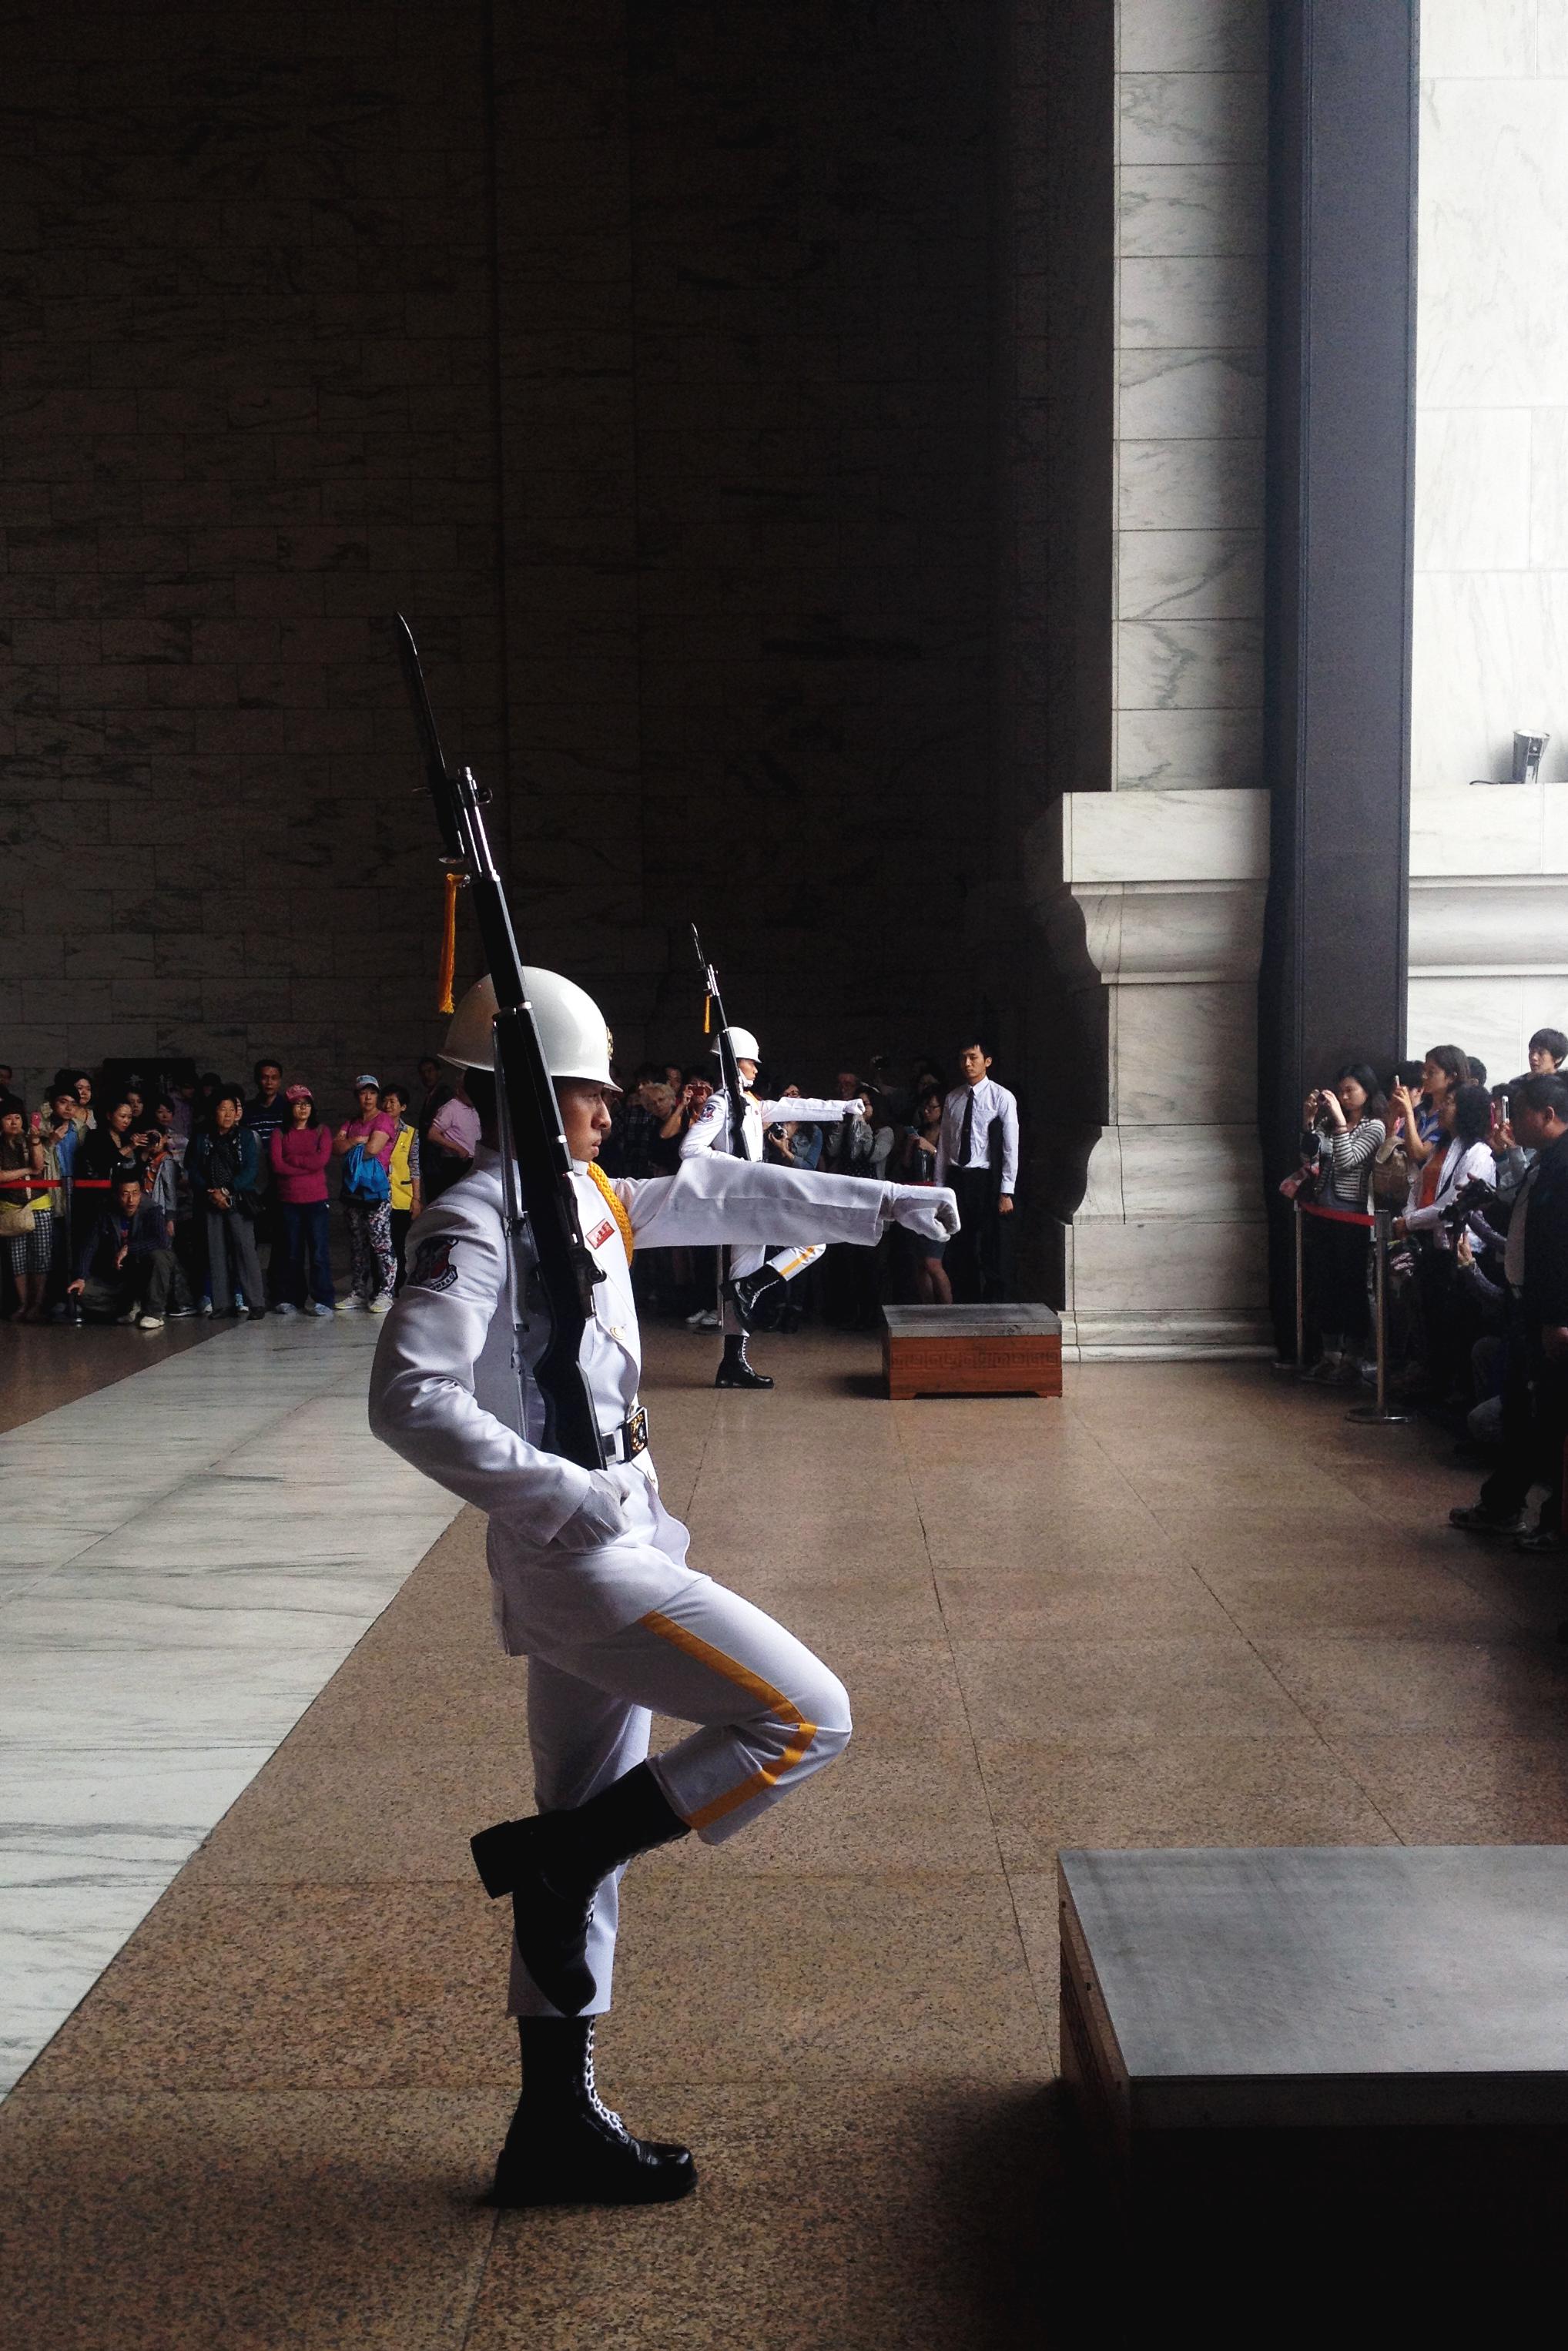 Changing of the guard at the Memorial of Chiang Kai-shek